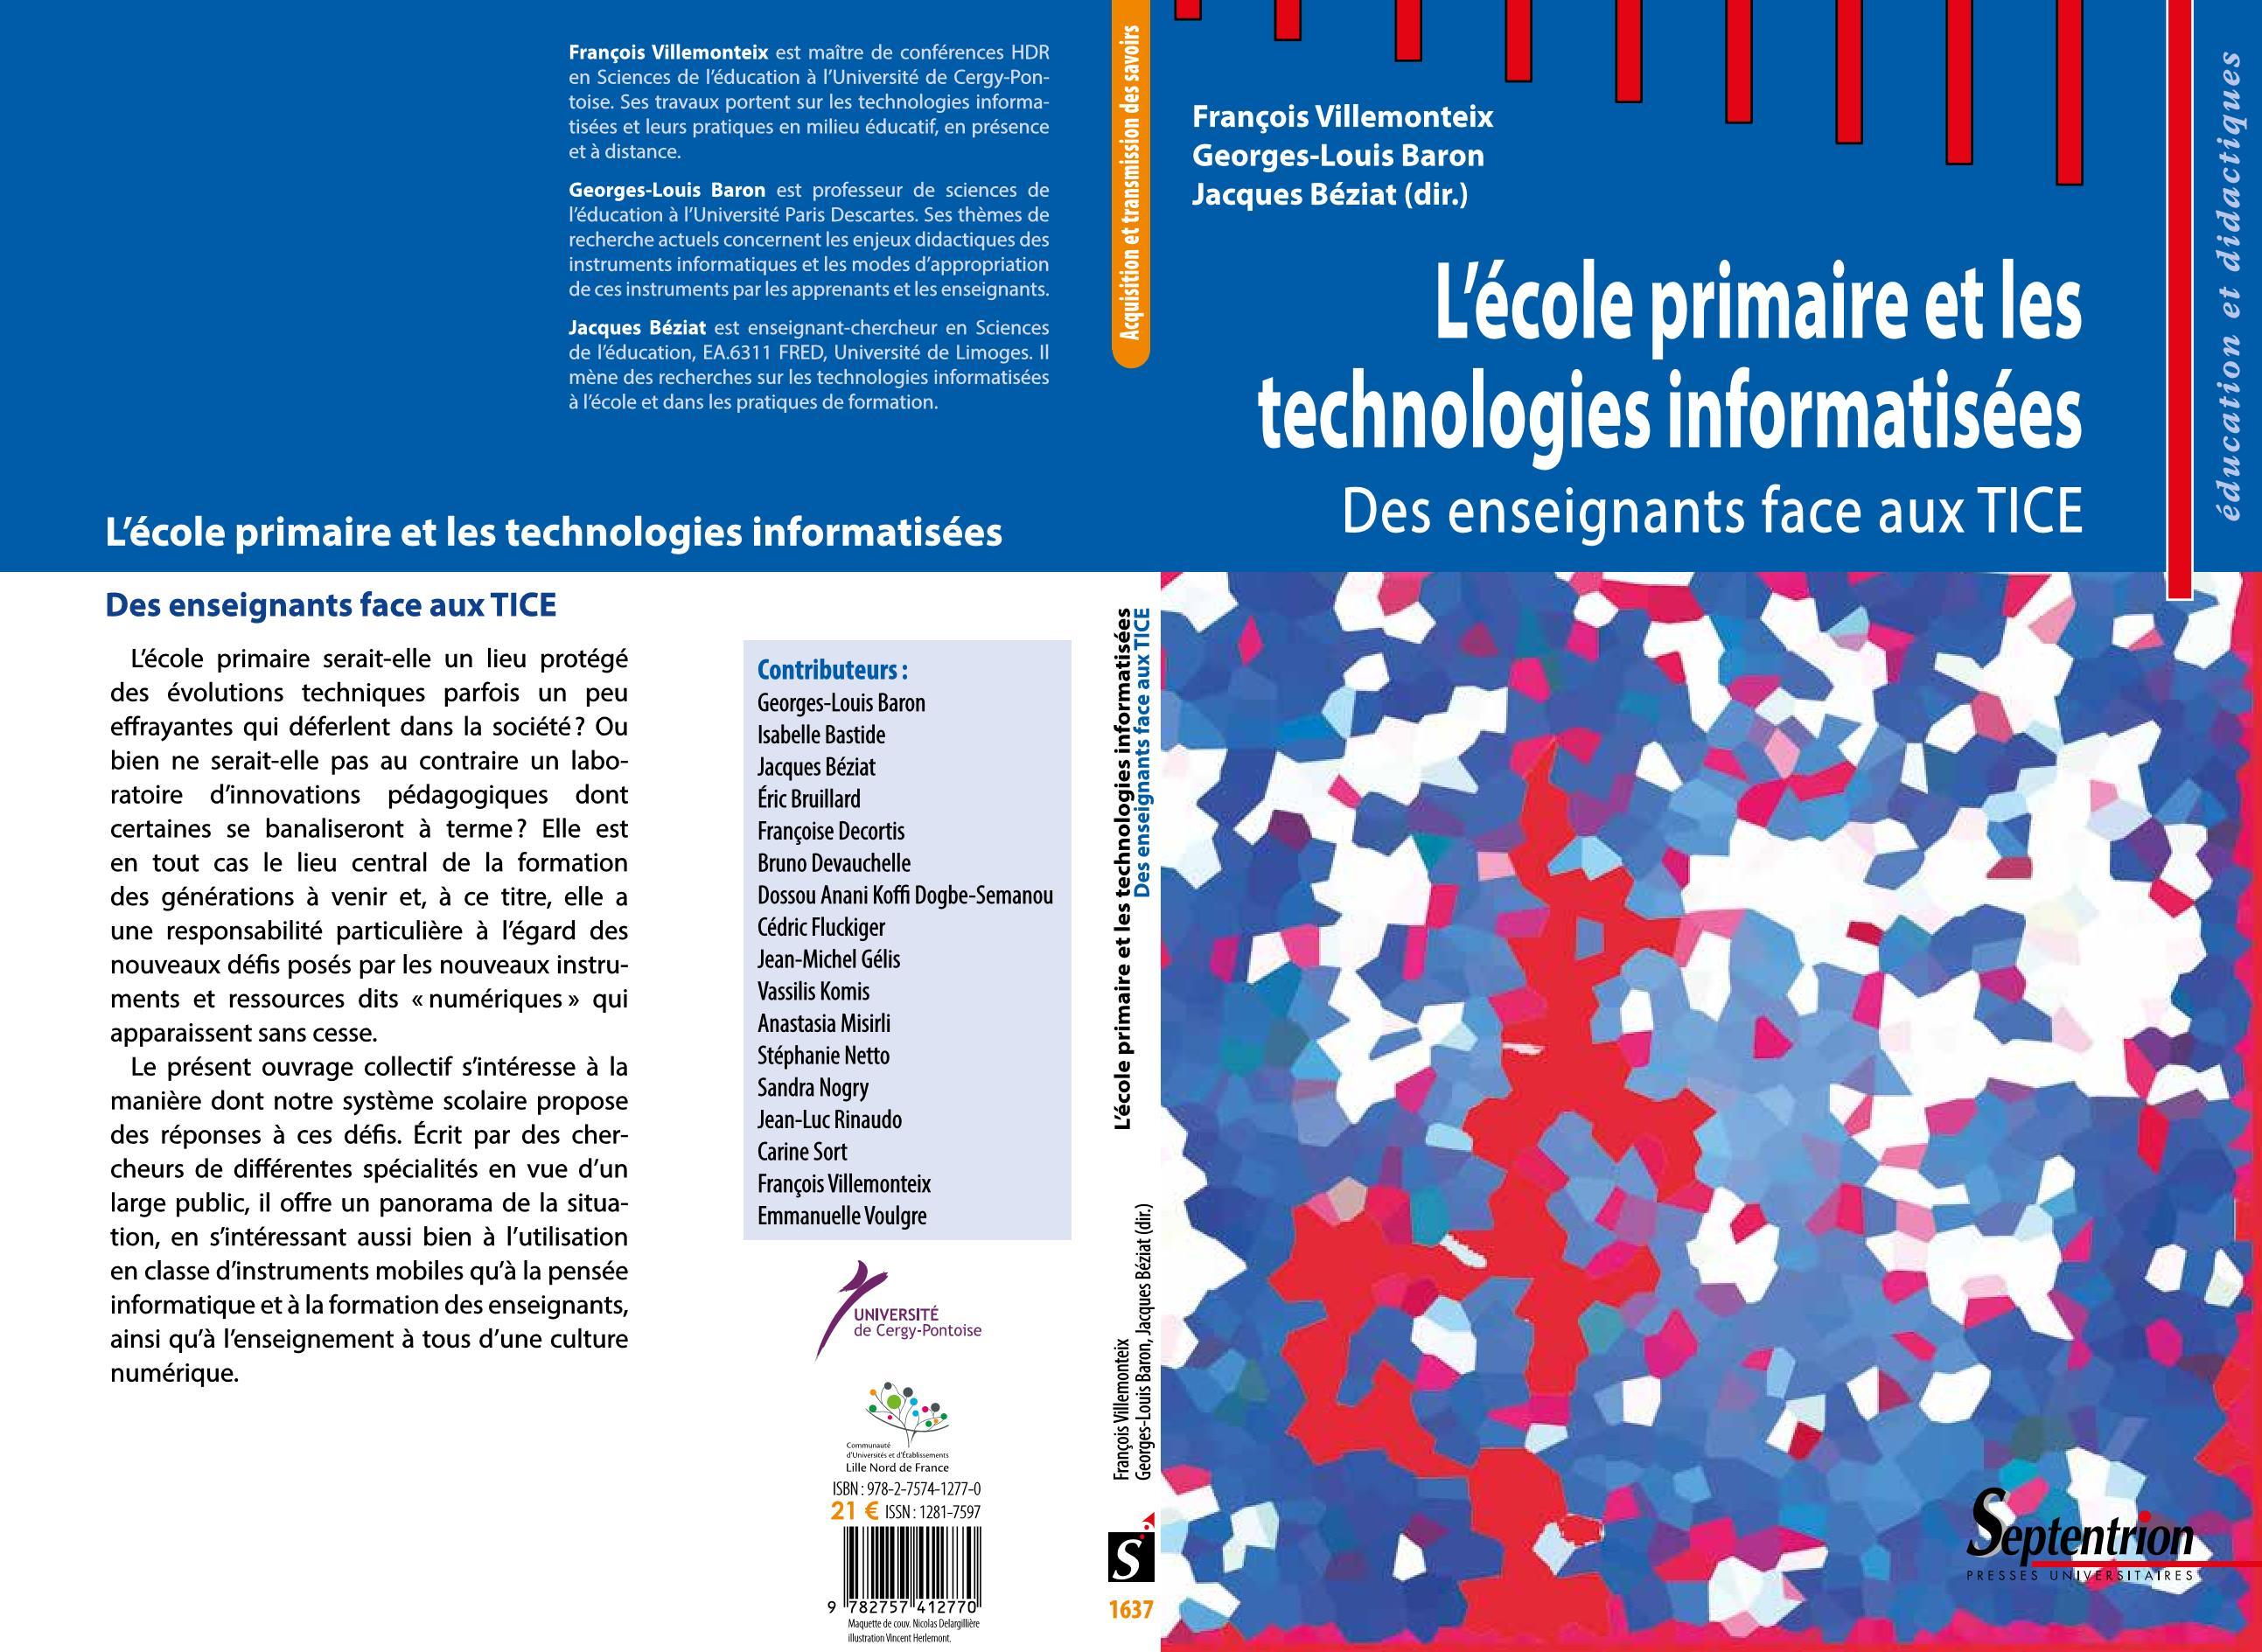 parution de  u00ab l u2019 u00e9cole primaire et les technologies